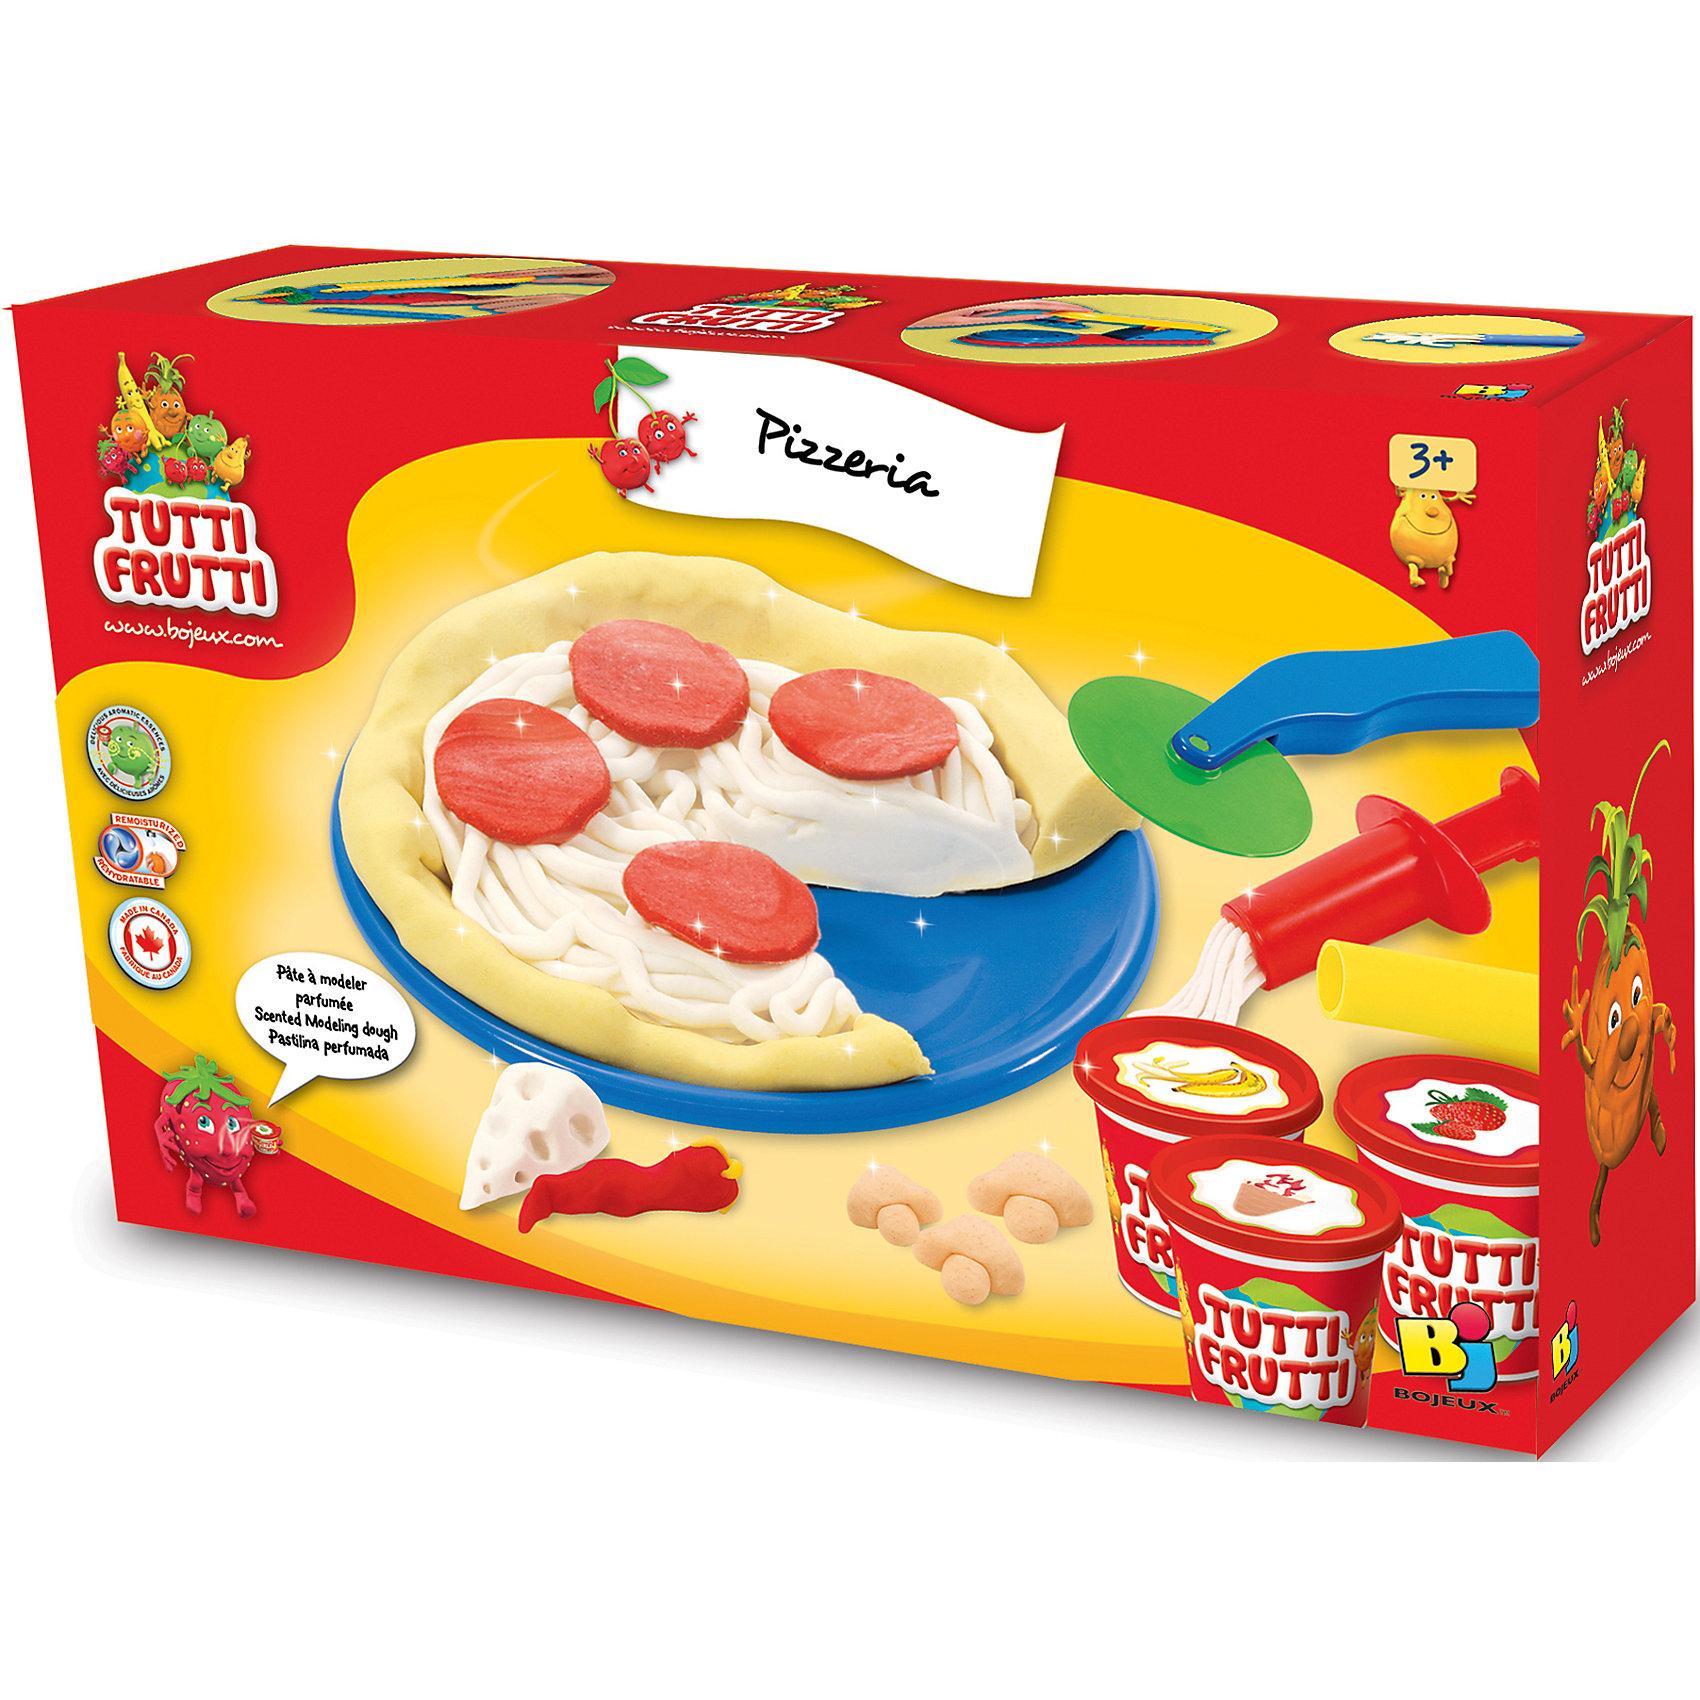 Набор массы для лепки ПиццерияНаборы для лепки<br>Характеристики товара:<br><br>• упаковка: коробка<br>• комплектация: масса для лепки, скалка, специальный пресс, лопатка, ножички и две тарелочки<br>• масса приятно пахнет<br>• цветов: 3<br>• размер упаковки: 24х18 см<br>• возраст: от трех лет<br>• развивающая<br>• страна бренда: Канада<br>• страна производства: Канада<br><br>Лепка - отличный способ занять ребенка. Это не только занимательно, но и очень полезно! С помощью такого набора для творчества ребенок сможет сам сделать пиццу с помощью инструментов, а дальше - делать более сложные предметы. Эта масса для лепки - безопасный материал, который приятно пахнет. В комплекте - масса для лепки, скалка, специальный пресс, лопатка, ножички и две тарелочки.<br>Такое занятие помогает детям развивать многие важные навыки и способности: они тренируют внимание, память, логику, мышление, мелкую моторику, а также усидчивость и аккуратность. Изделие производится из качественных сертифицированных материалов, безопасных даже для самых маленьких.<br><br>Набор массы для лепки Пиццерия Genio Kids можно купить в нашем интернет-магазине.<br><br>Ширина мм: 185<br>Глубина мм: 53<br>Высота мм: 245<br>Вес г: 400<br>Возраст от месяцев: 36<br>Возраст до месяцев: 108<br>Пол: Унисекс<br>Возраст: Детский<br>SKU: 5075314